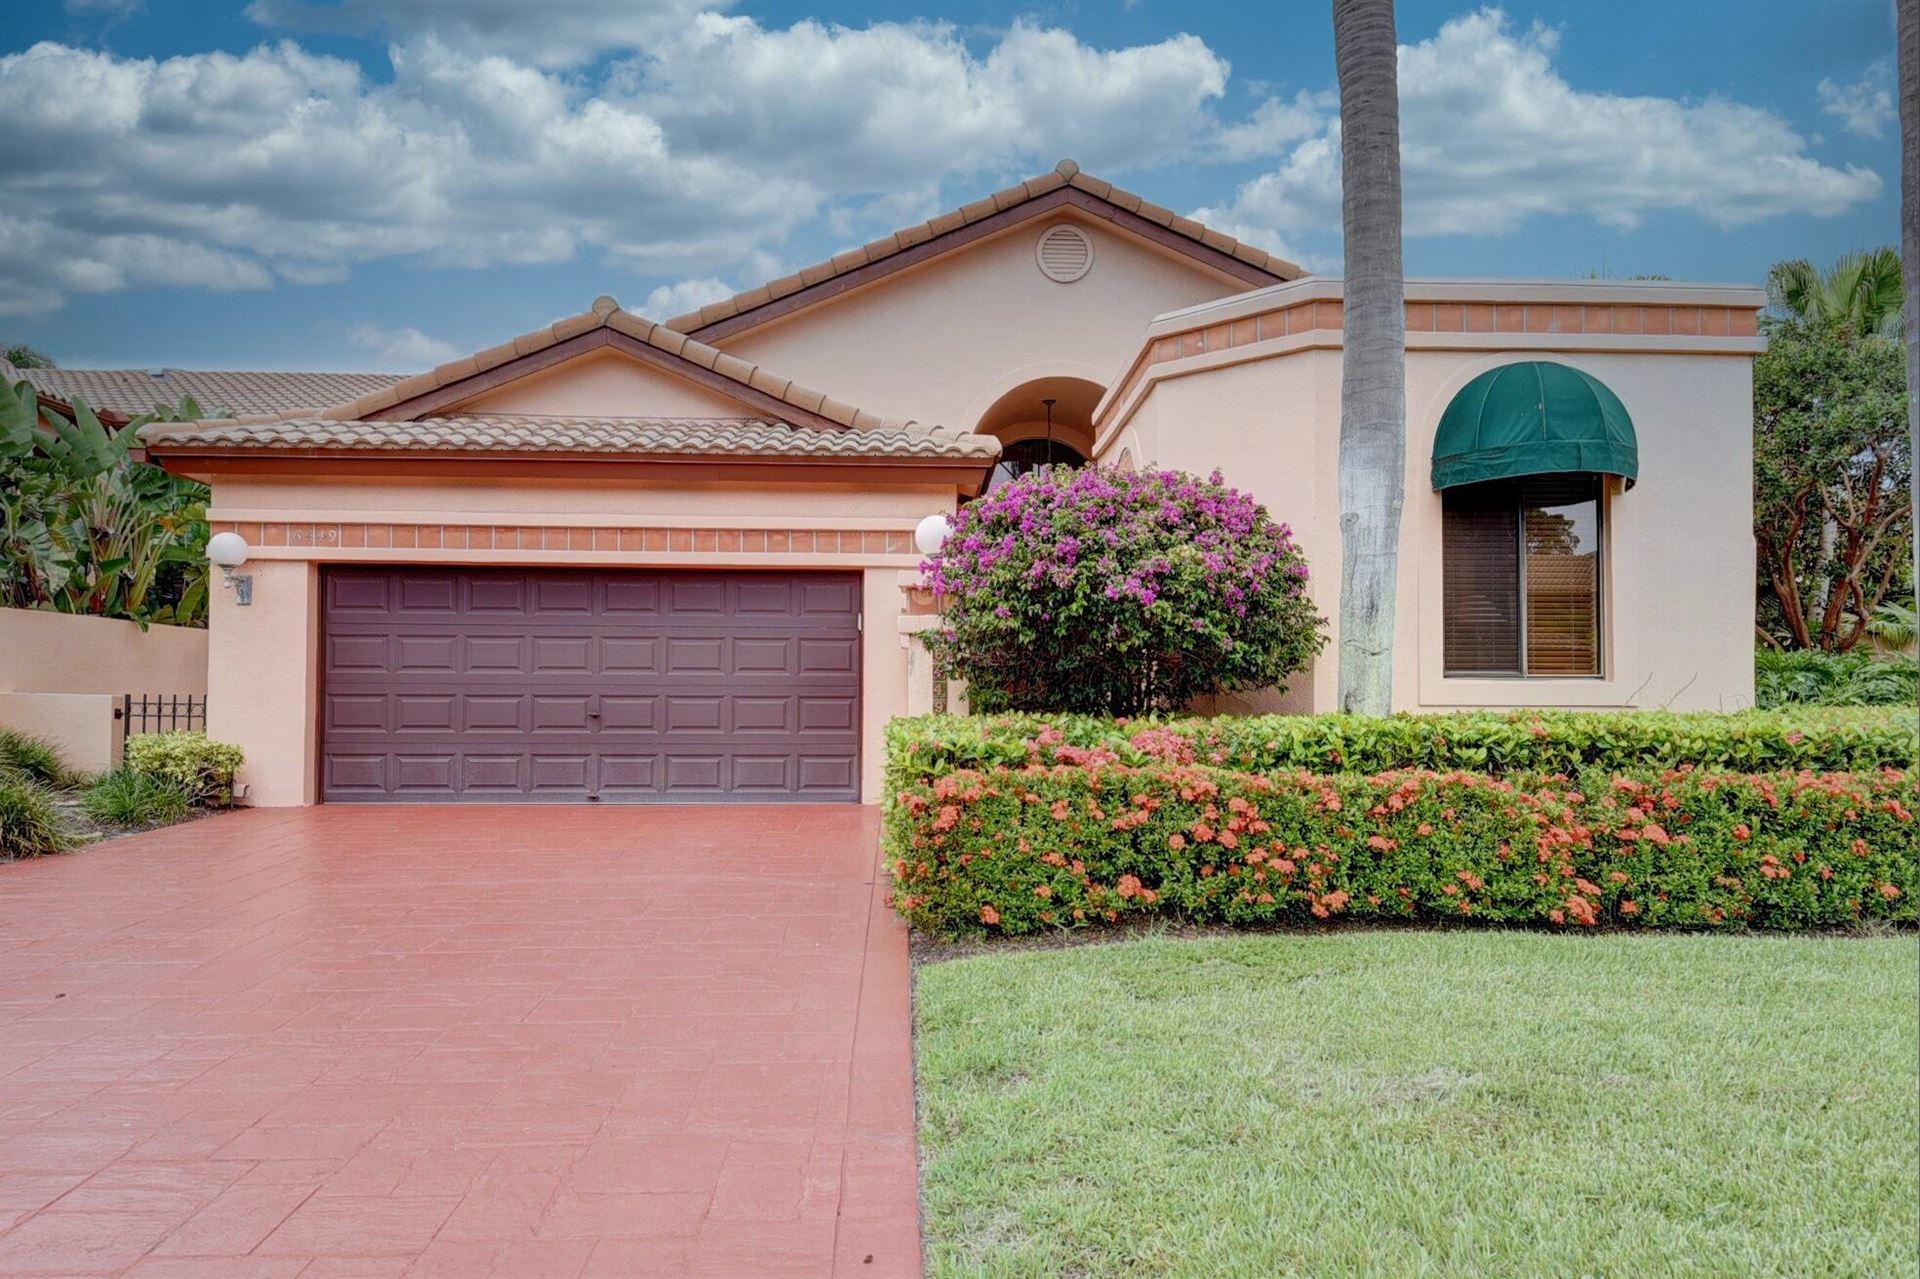 Photo of 6449 Via Rosa, Boca Raton, FL 33433 (MLS # RX-10726420)